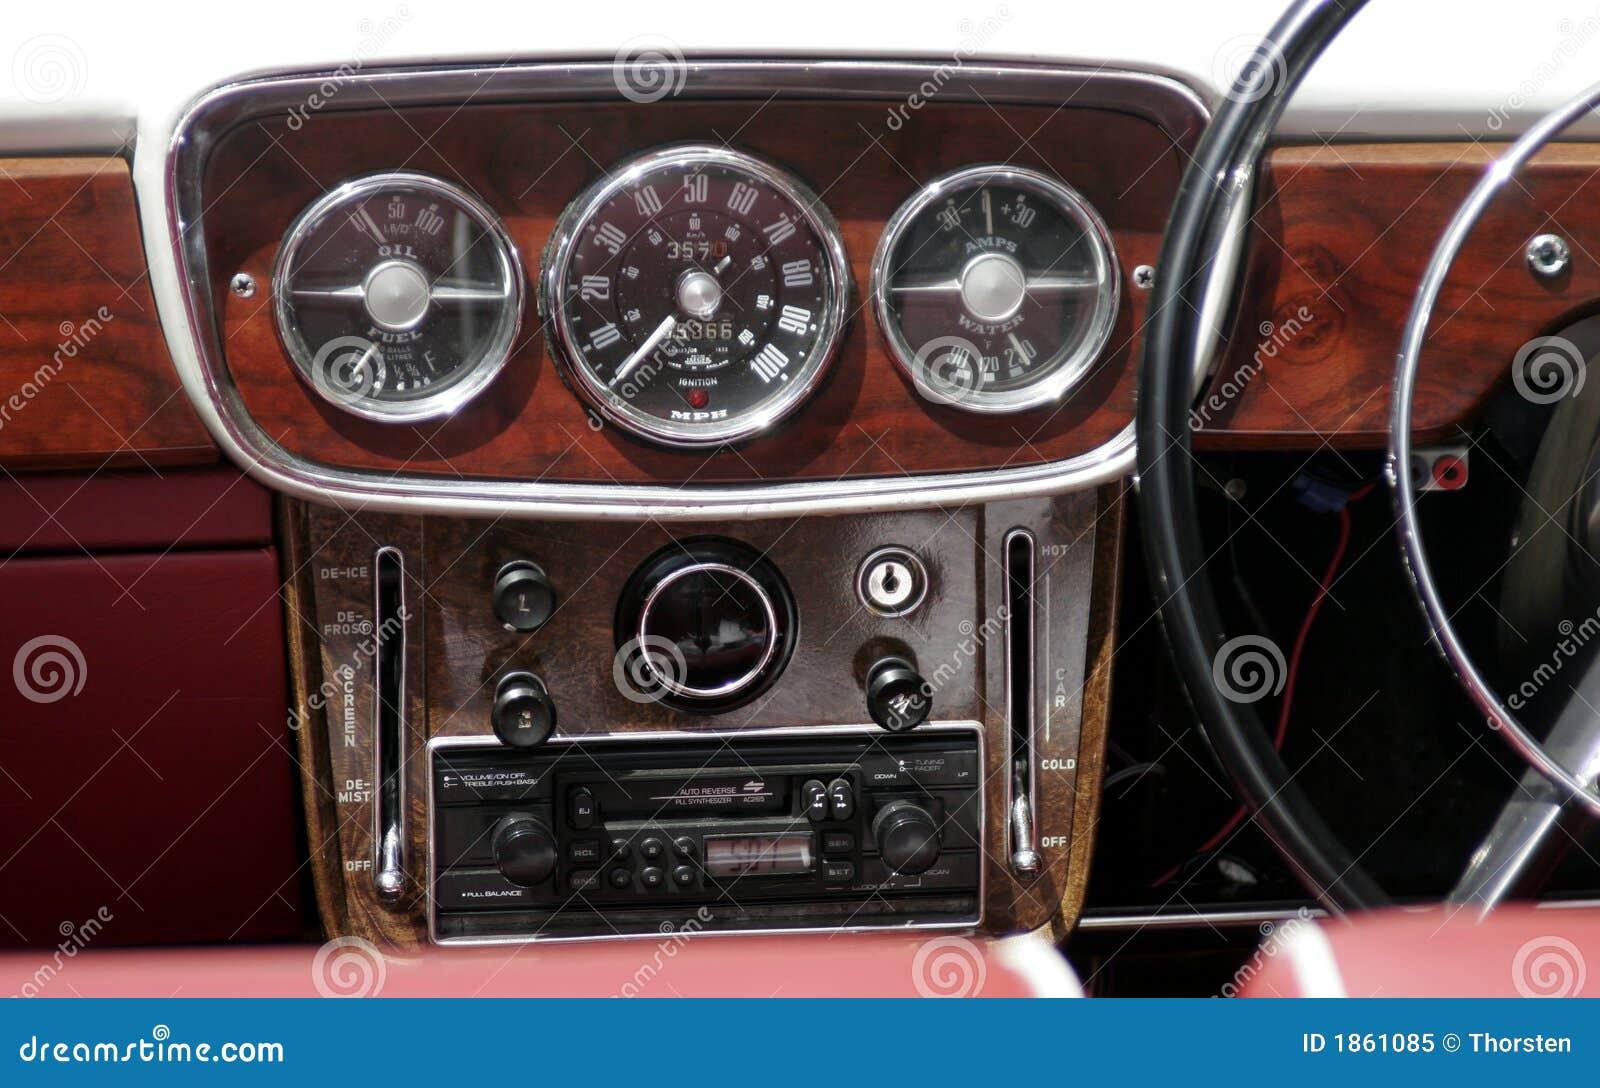 vintage car dashboard stock image image of vehicle meter 1861085. Black Bedroom Furniture Sets. Home Design Ideas